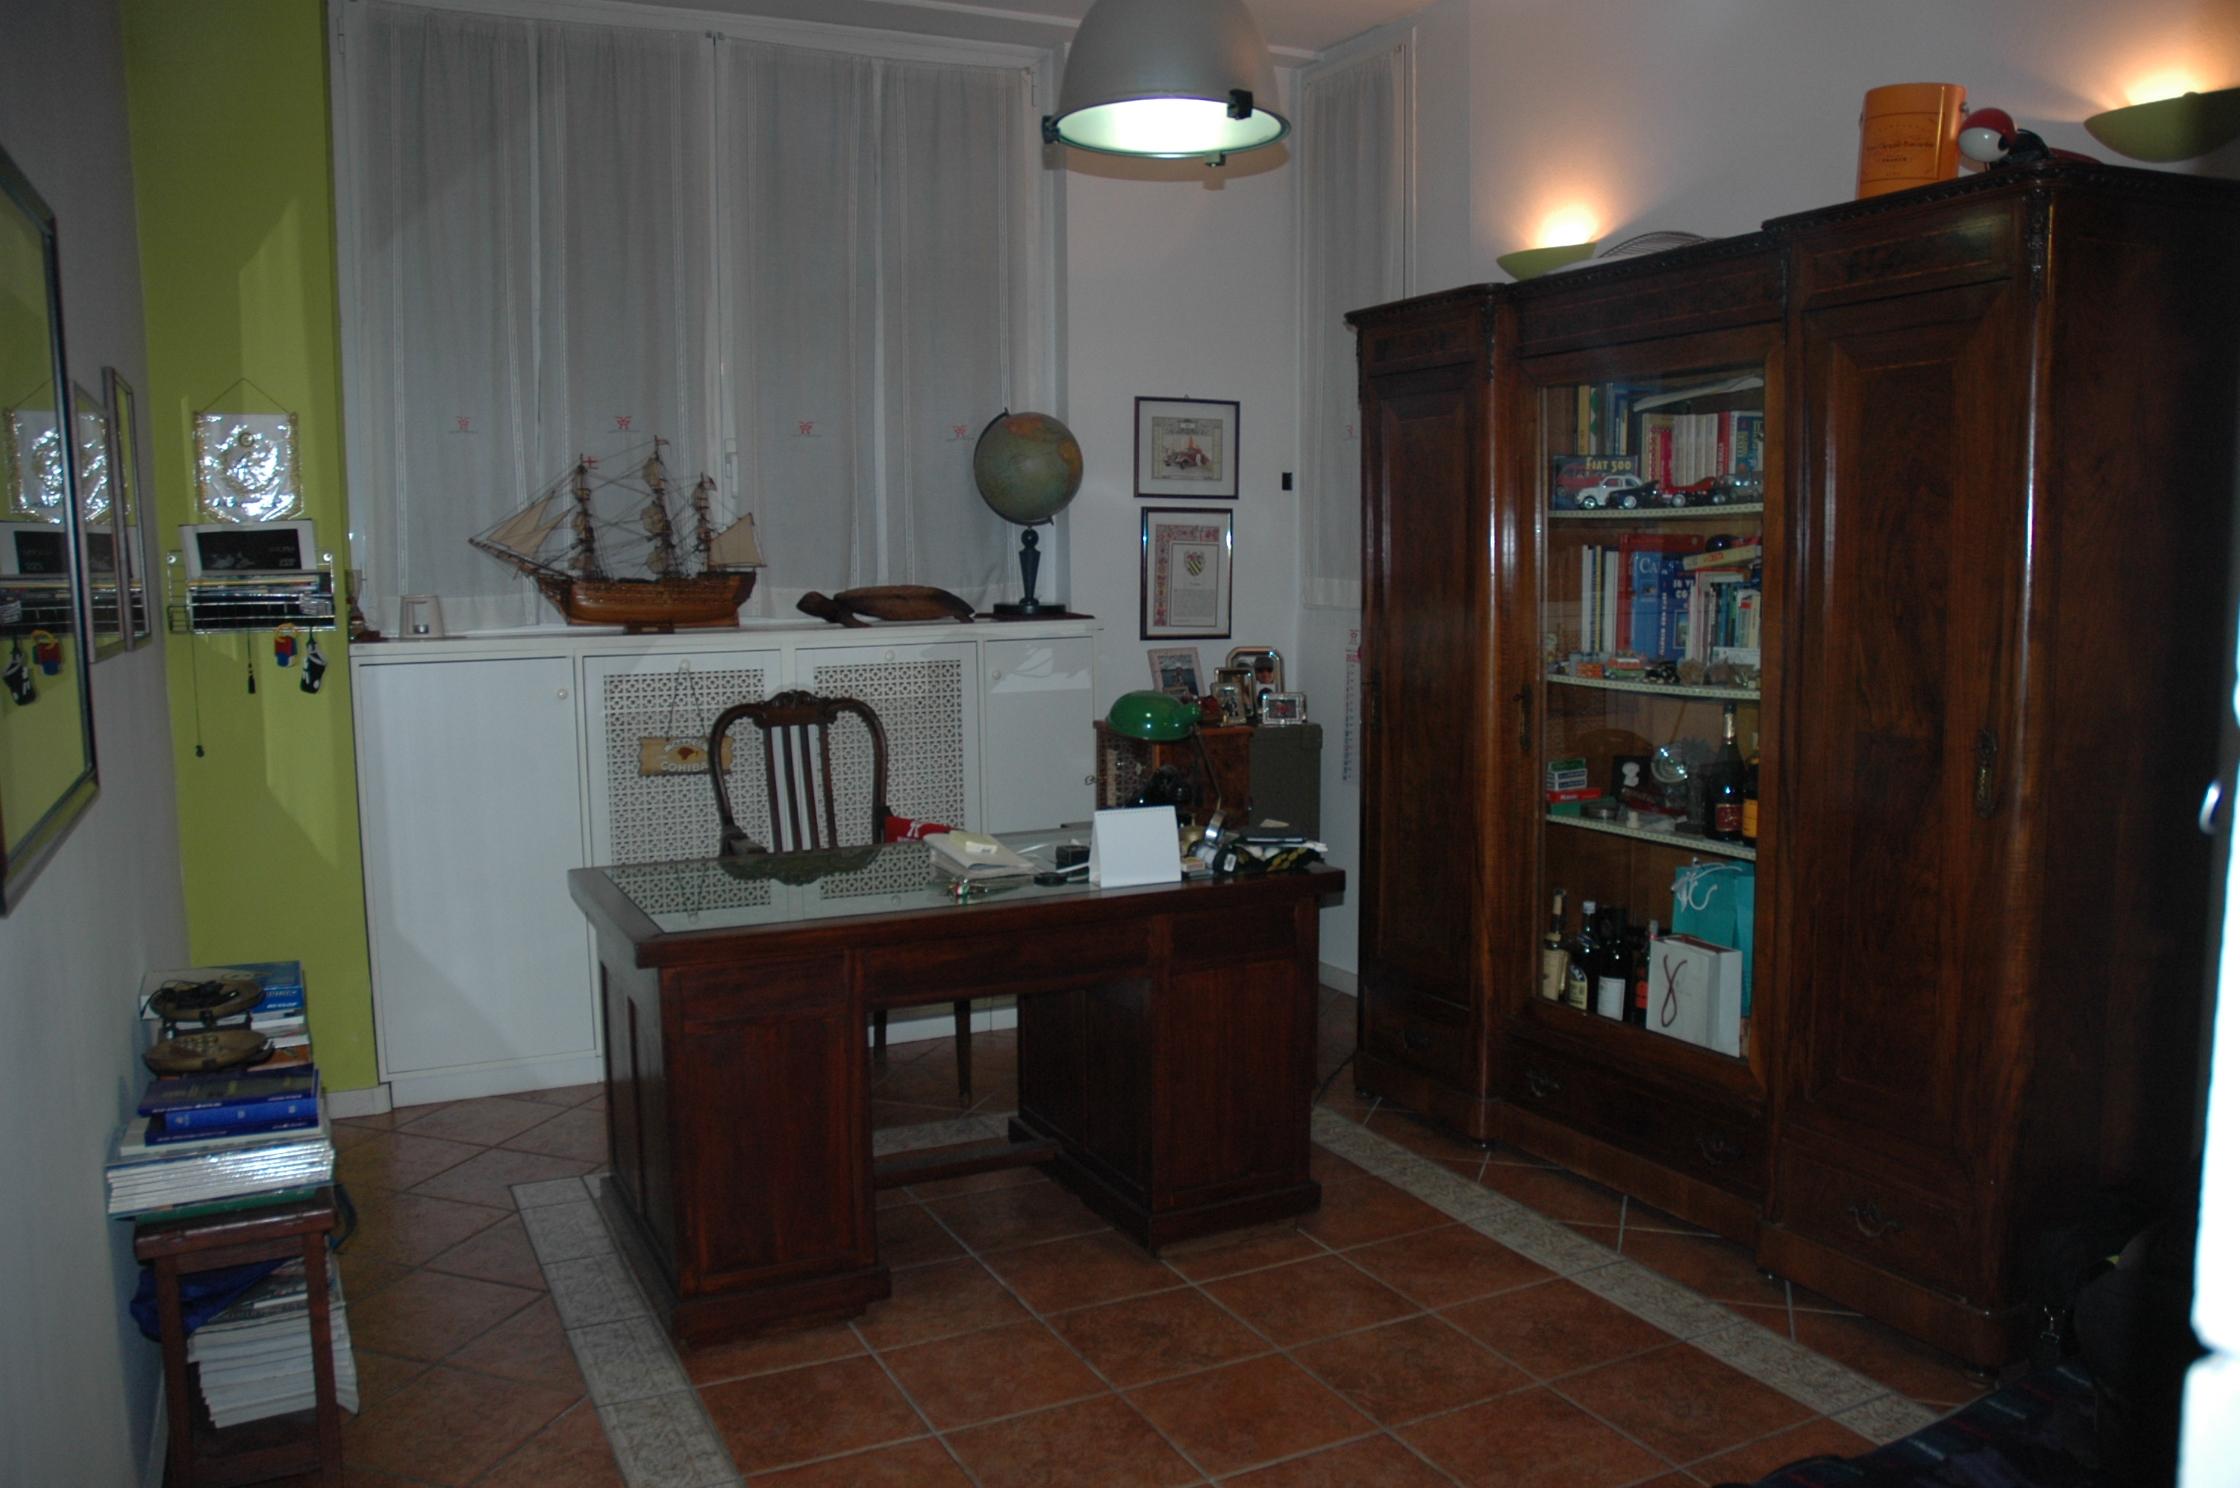 VIA AGORDAT VENDESI SHOW ROOM DI AMPIA METRATURA CON MAGAZZINO E BOX